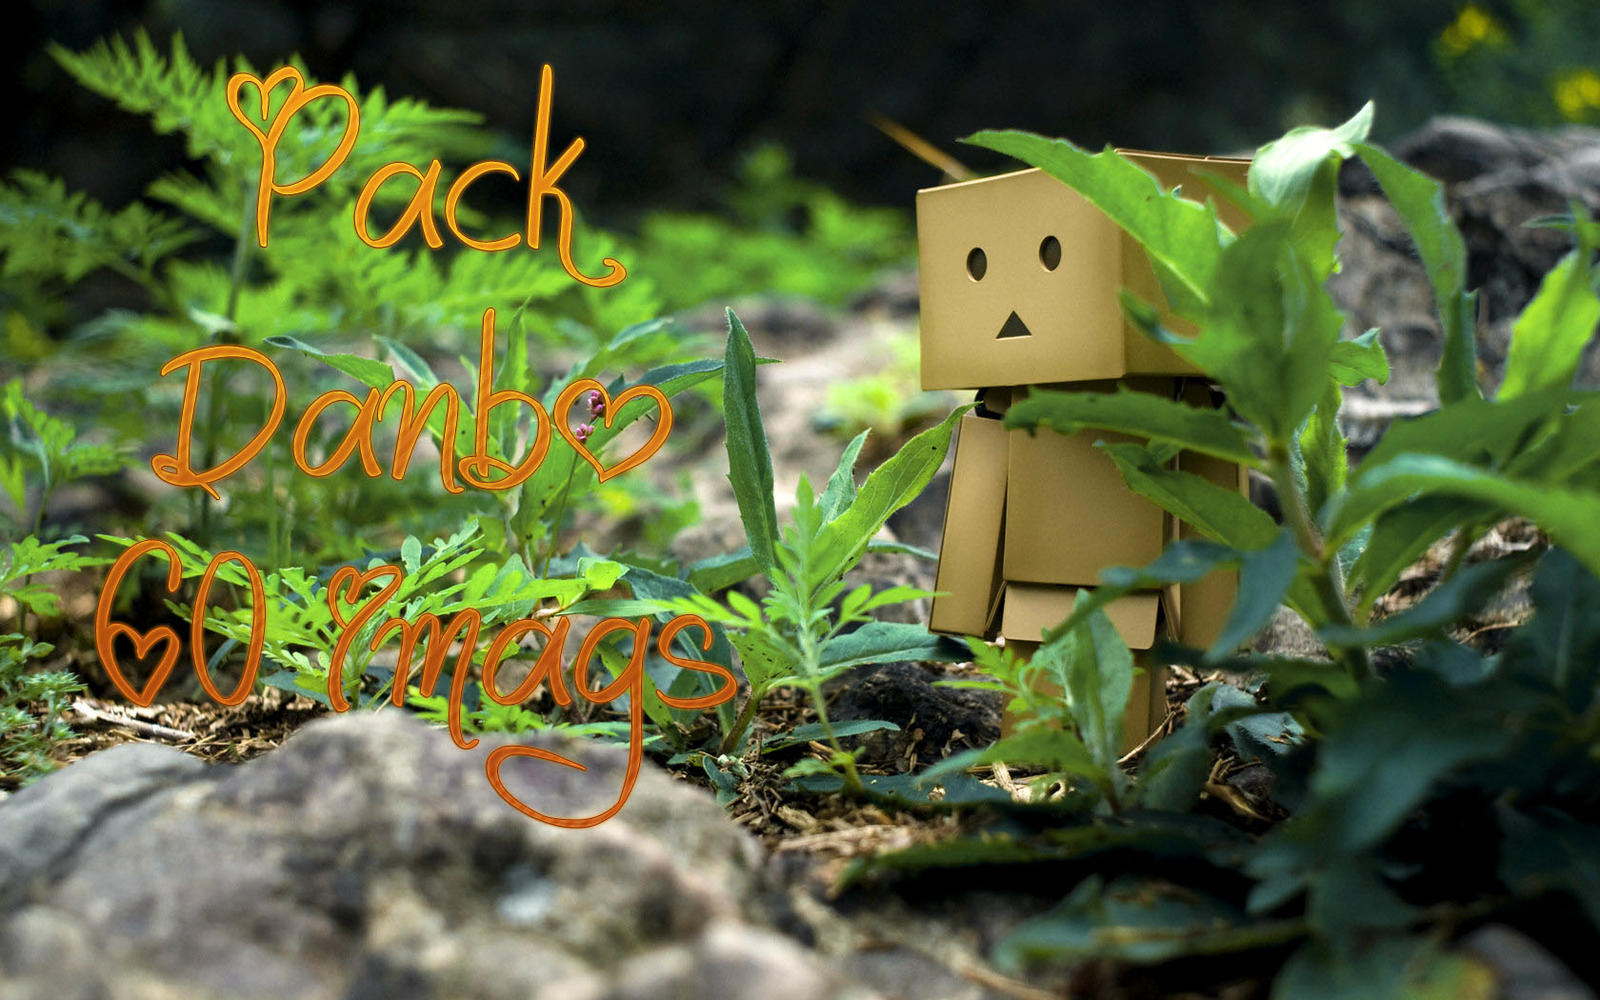 Pack De Imagenes De Danbo by BERENICEHELLO